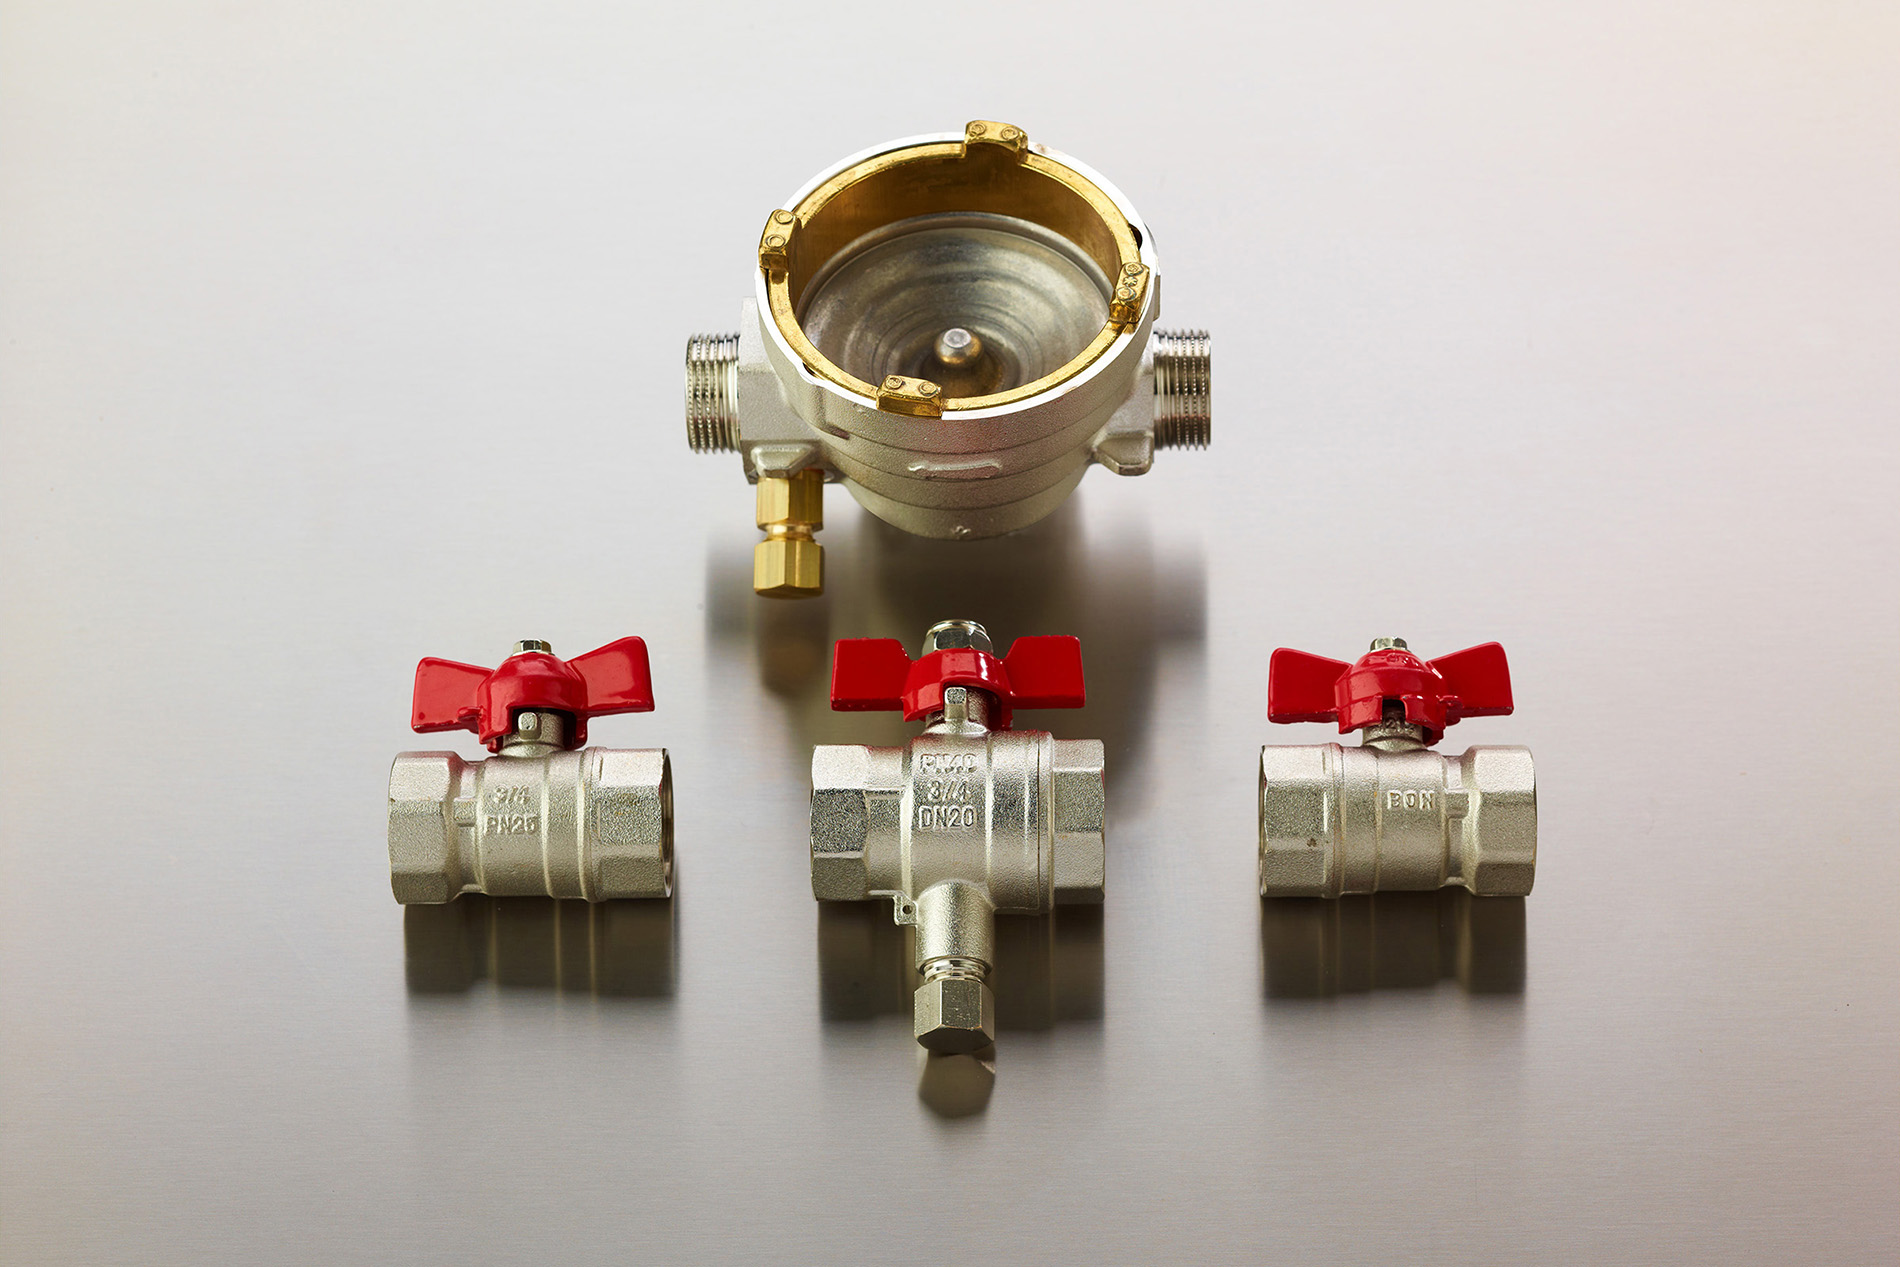 Fotodesign-matthias-schütz-ventile-durchfluss